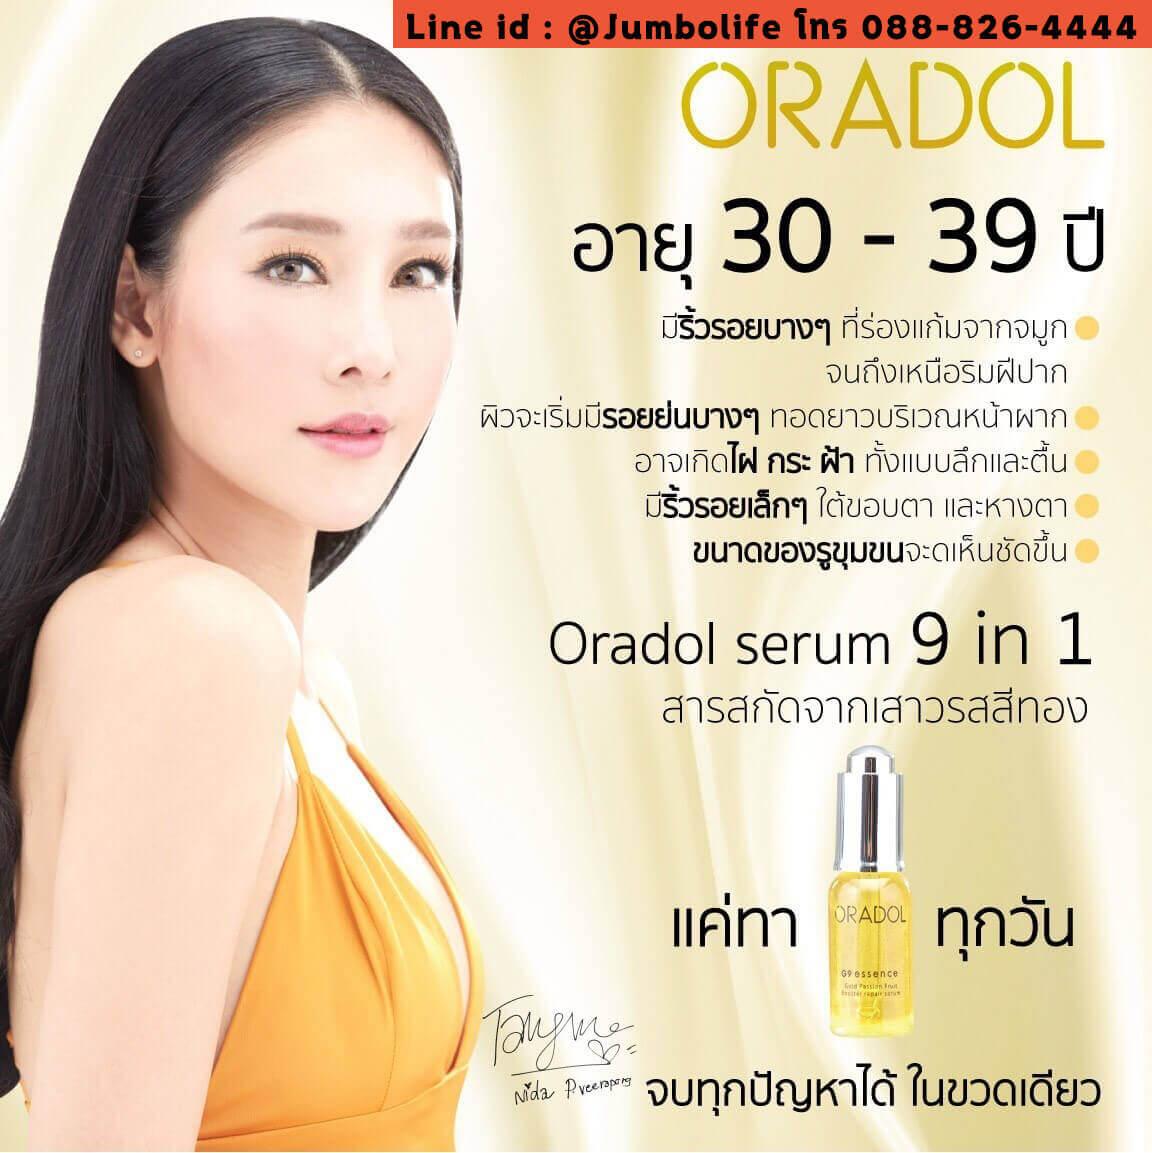 Oradol พันทิป